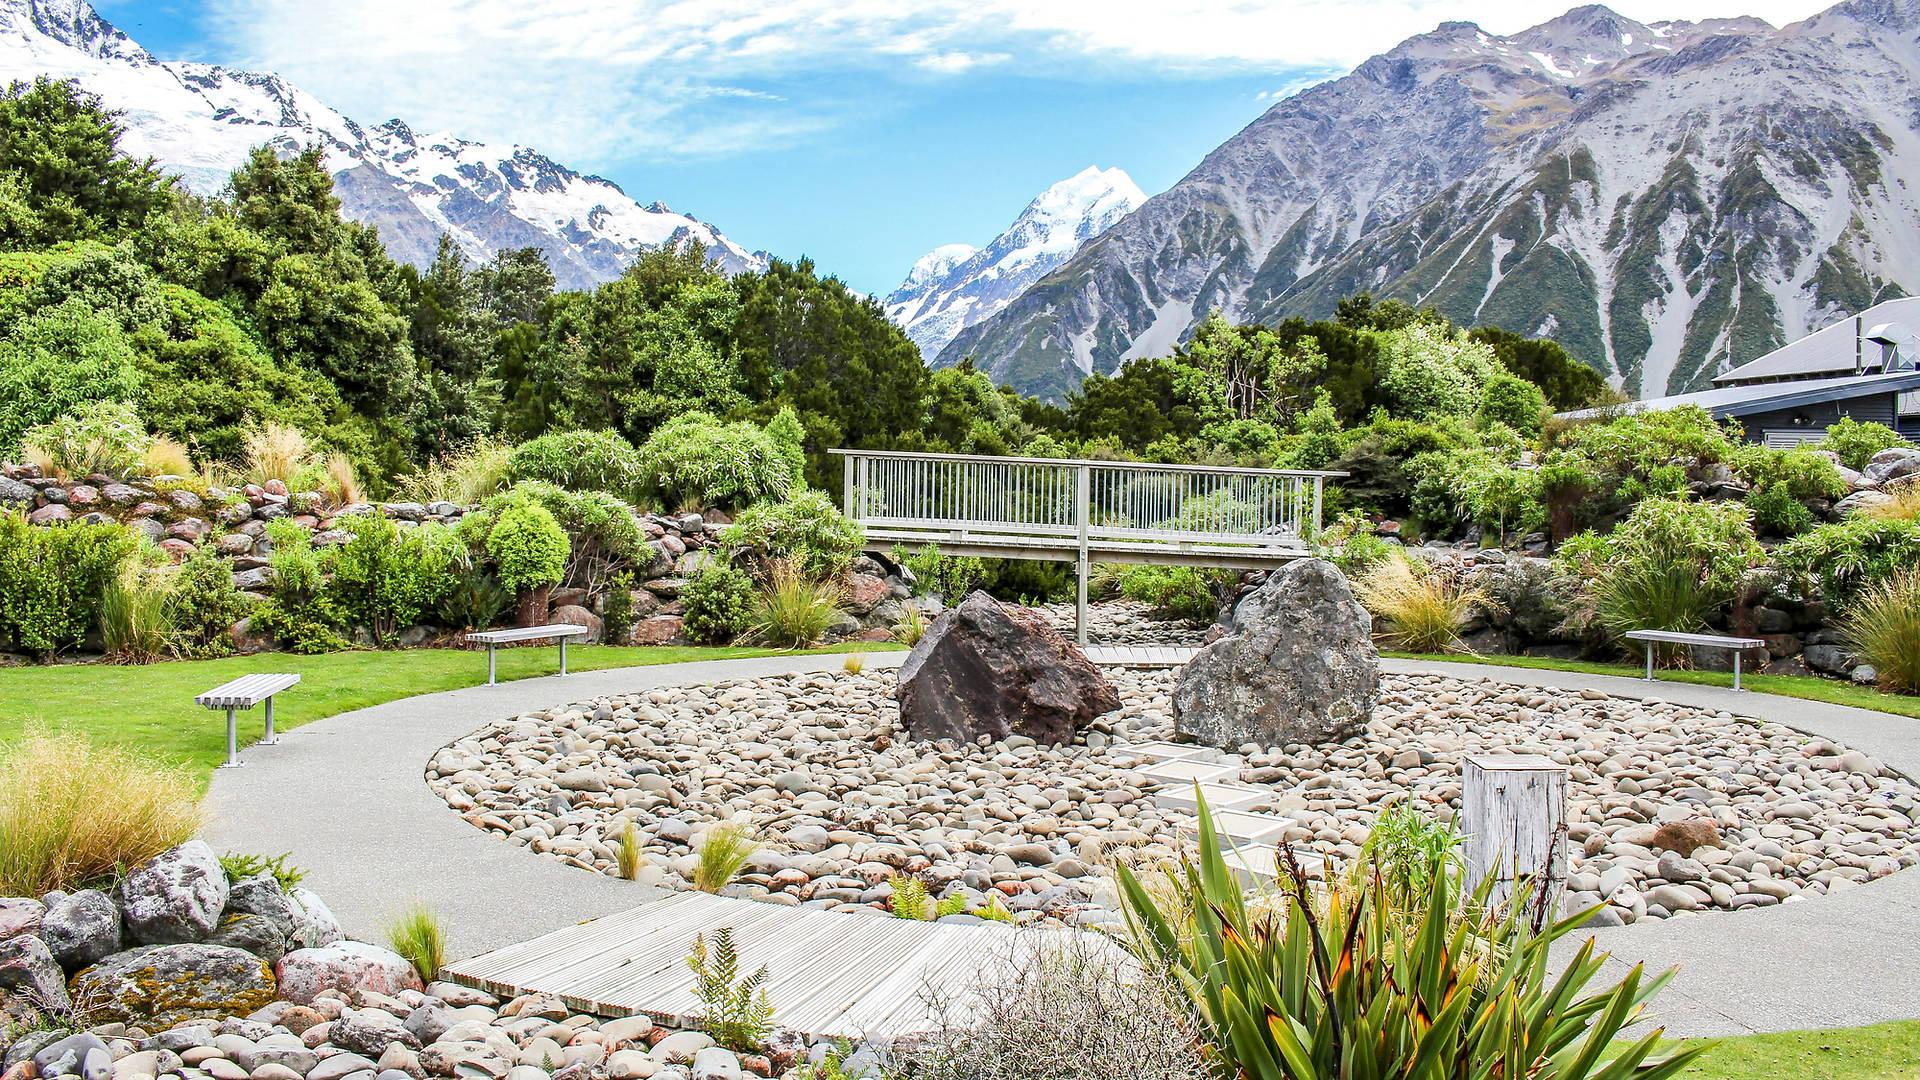 Mt Cook Visitor Centre Garden landscape design